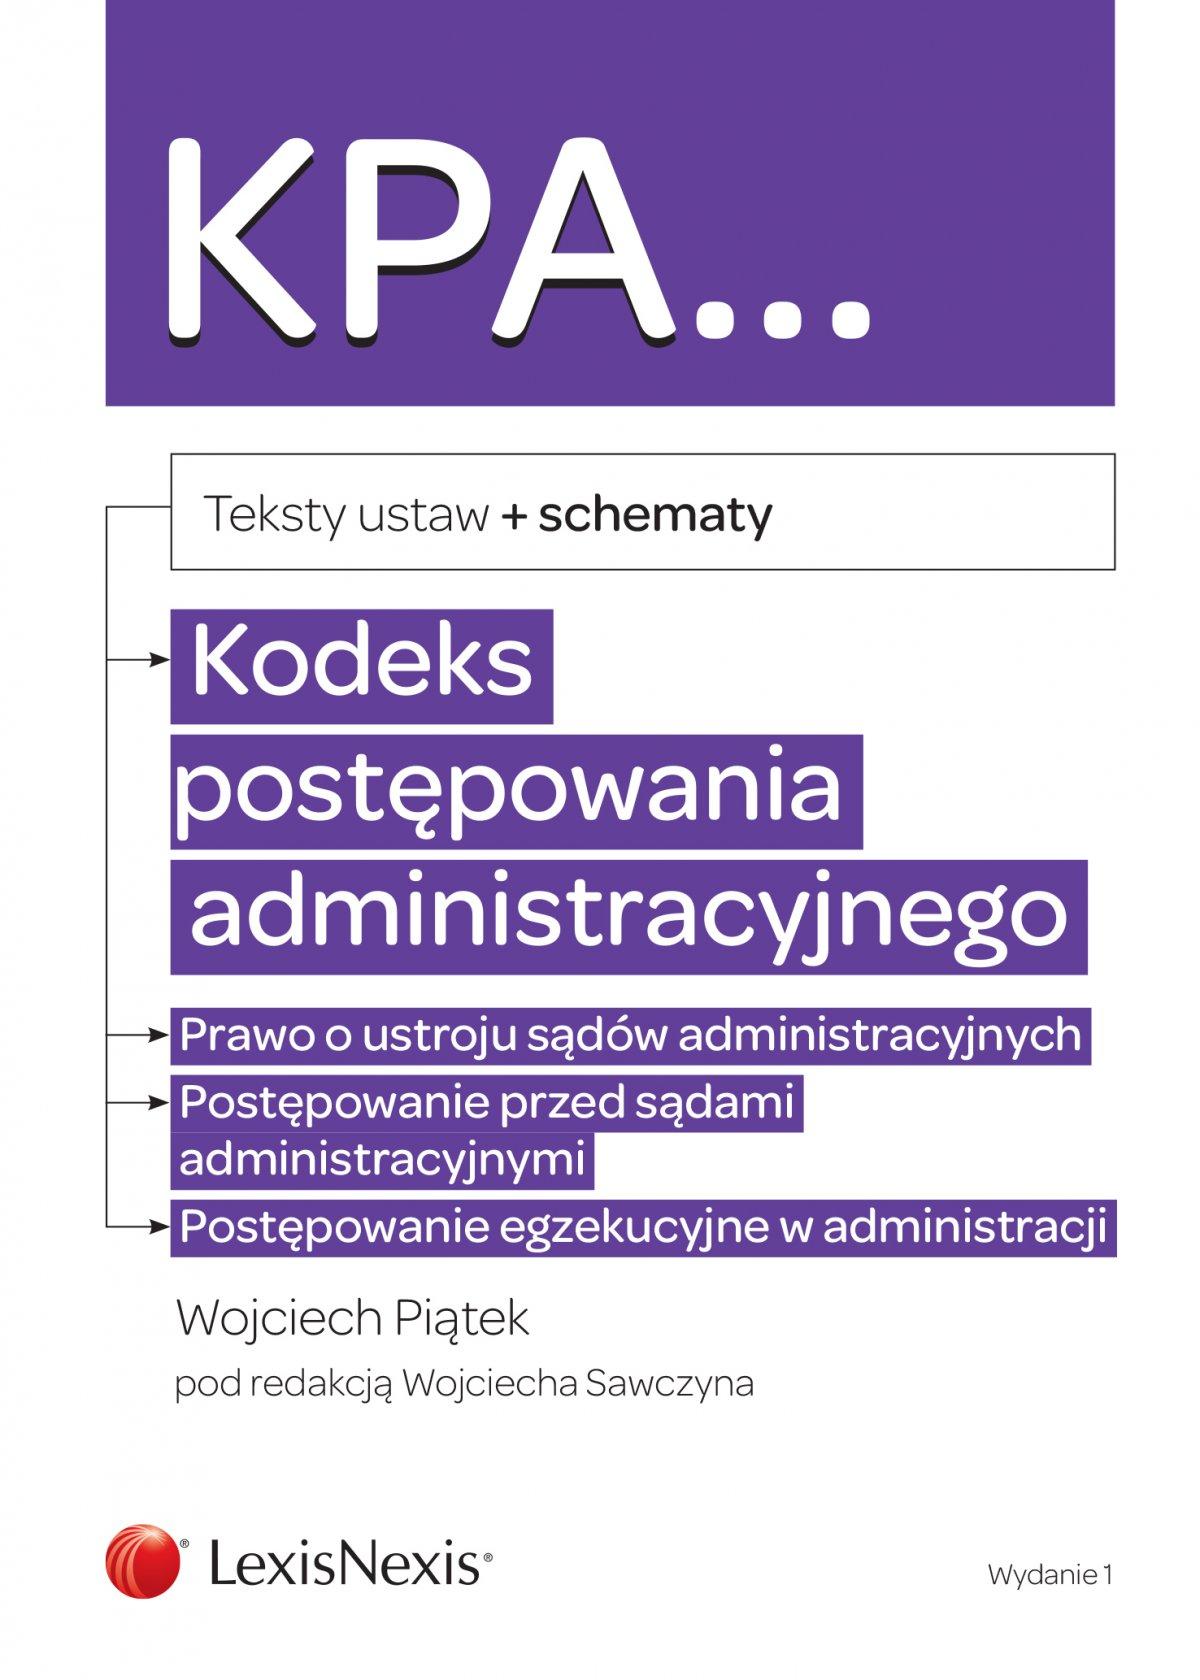 Kodeks postępowania administracyjnego. Prawo o ustroju sądów administracyjnych. Postępowanie przed sądami administracyjnymi. Postępowanie egzekucyjne w administracji. Teksty ustaw + schematy. Wydanie 1 - Ebook (Książka PDF) do pobrania w formacie PDF